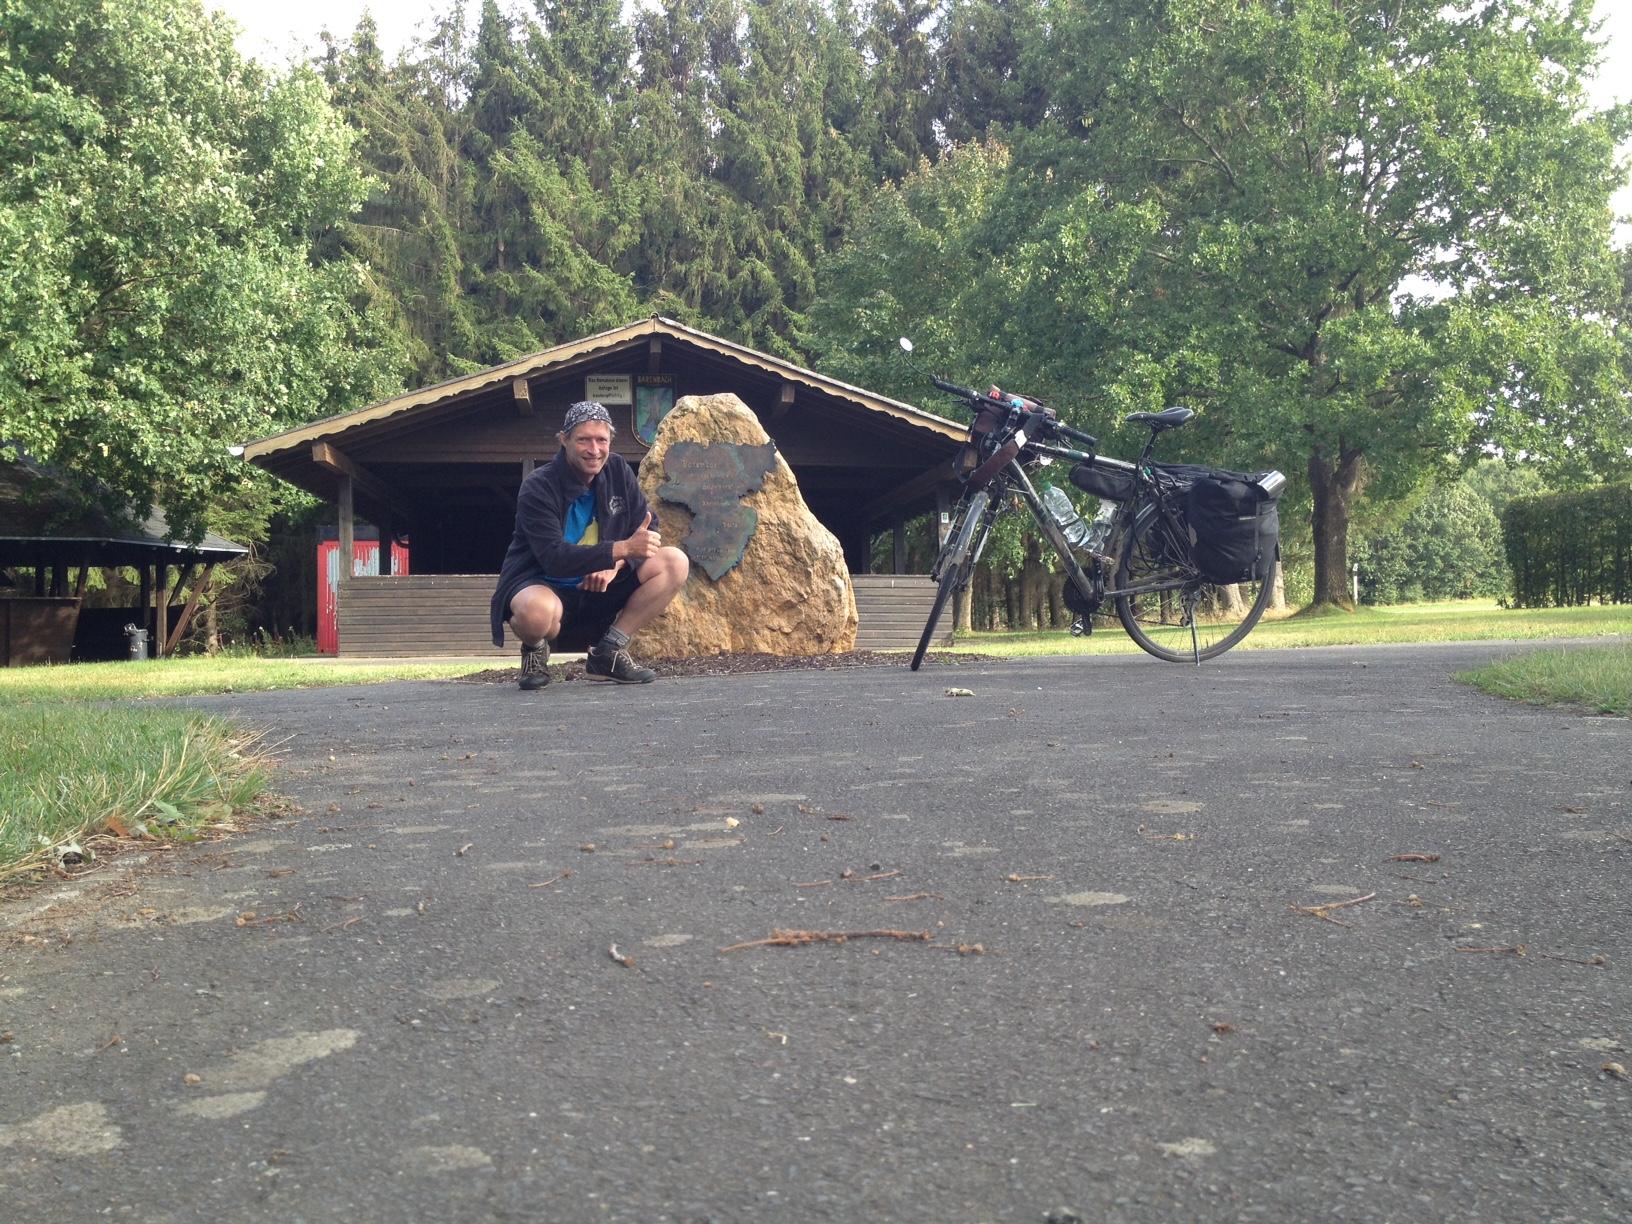 Untere Bildhälfte Teerboden. Obere Bildhälfte: Künstler hockt neben dem Mittelpunkt-Stein. Daneben steht sein Fahrrad. Im Hintergrund Waldhütte und Bäume.